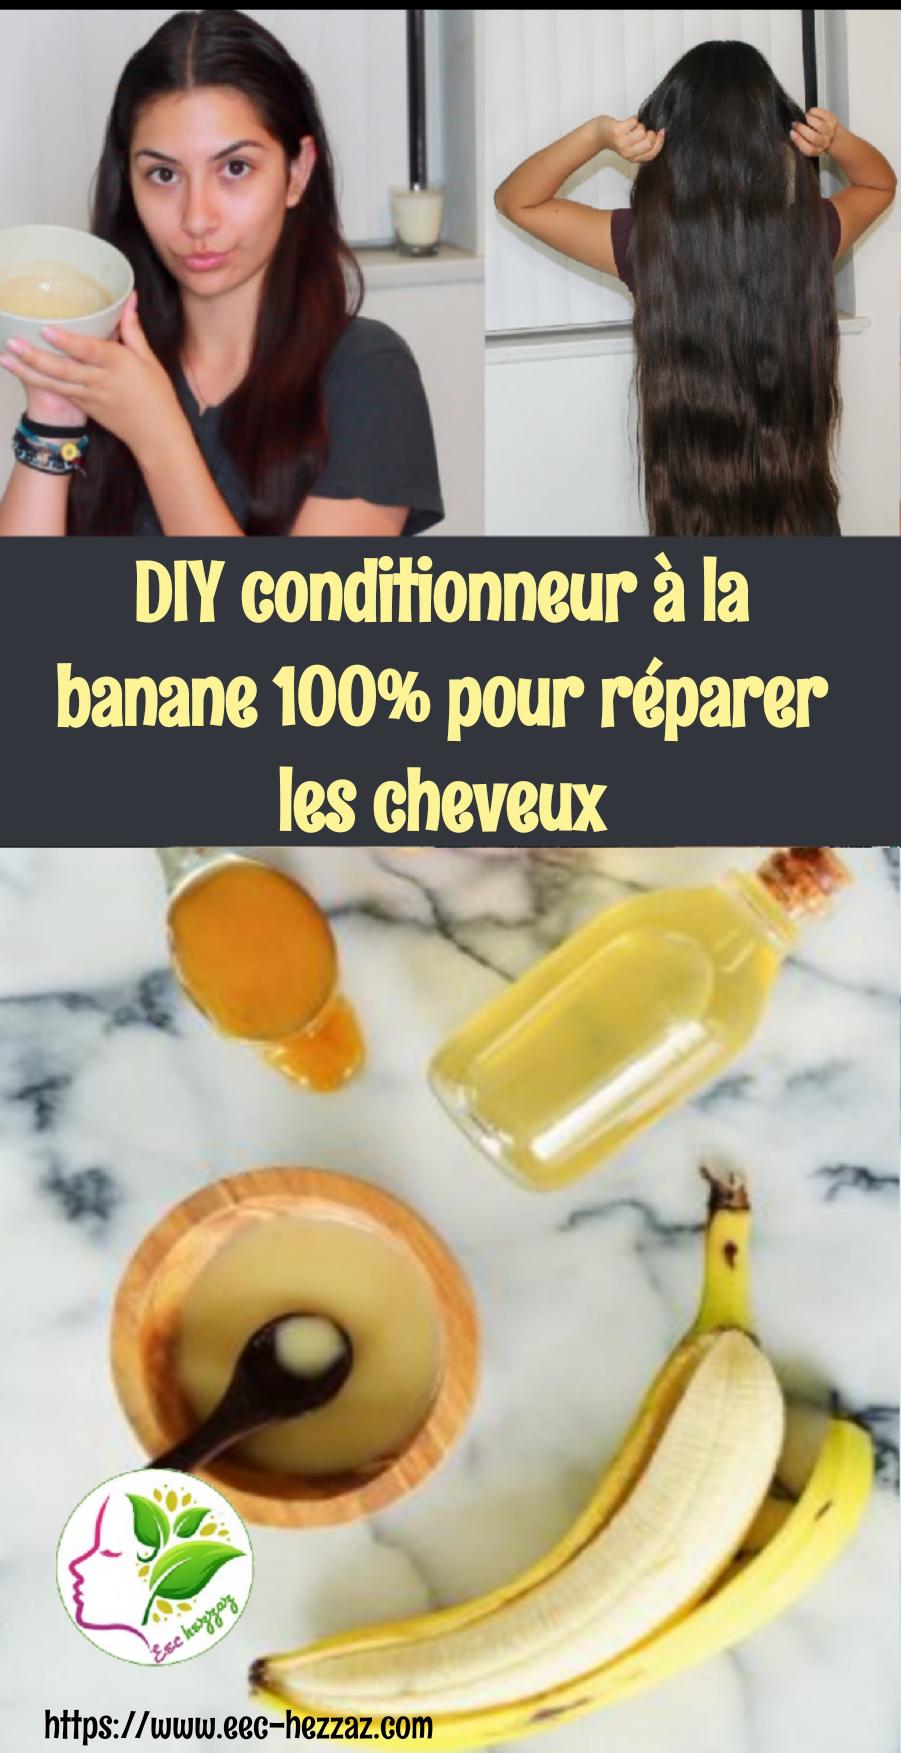 DIY conditionneur à la banane 100% pour réparer les cheveux